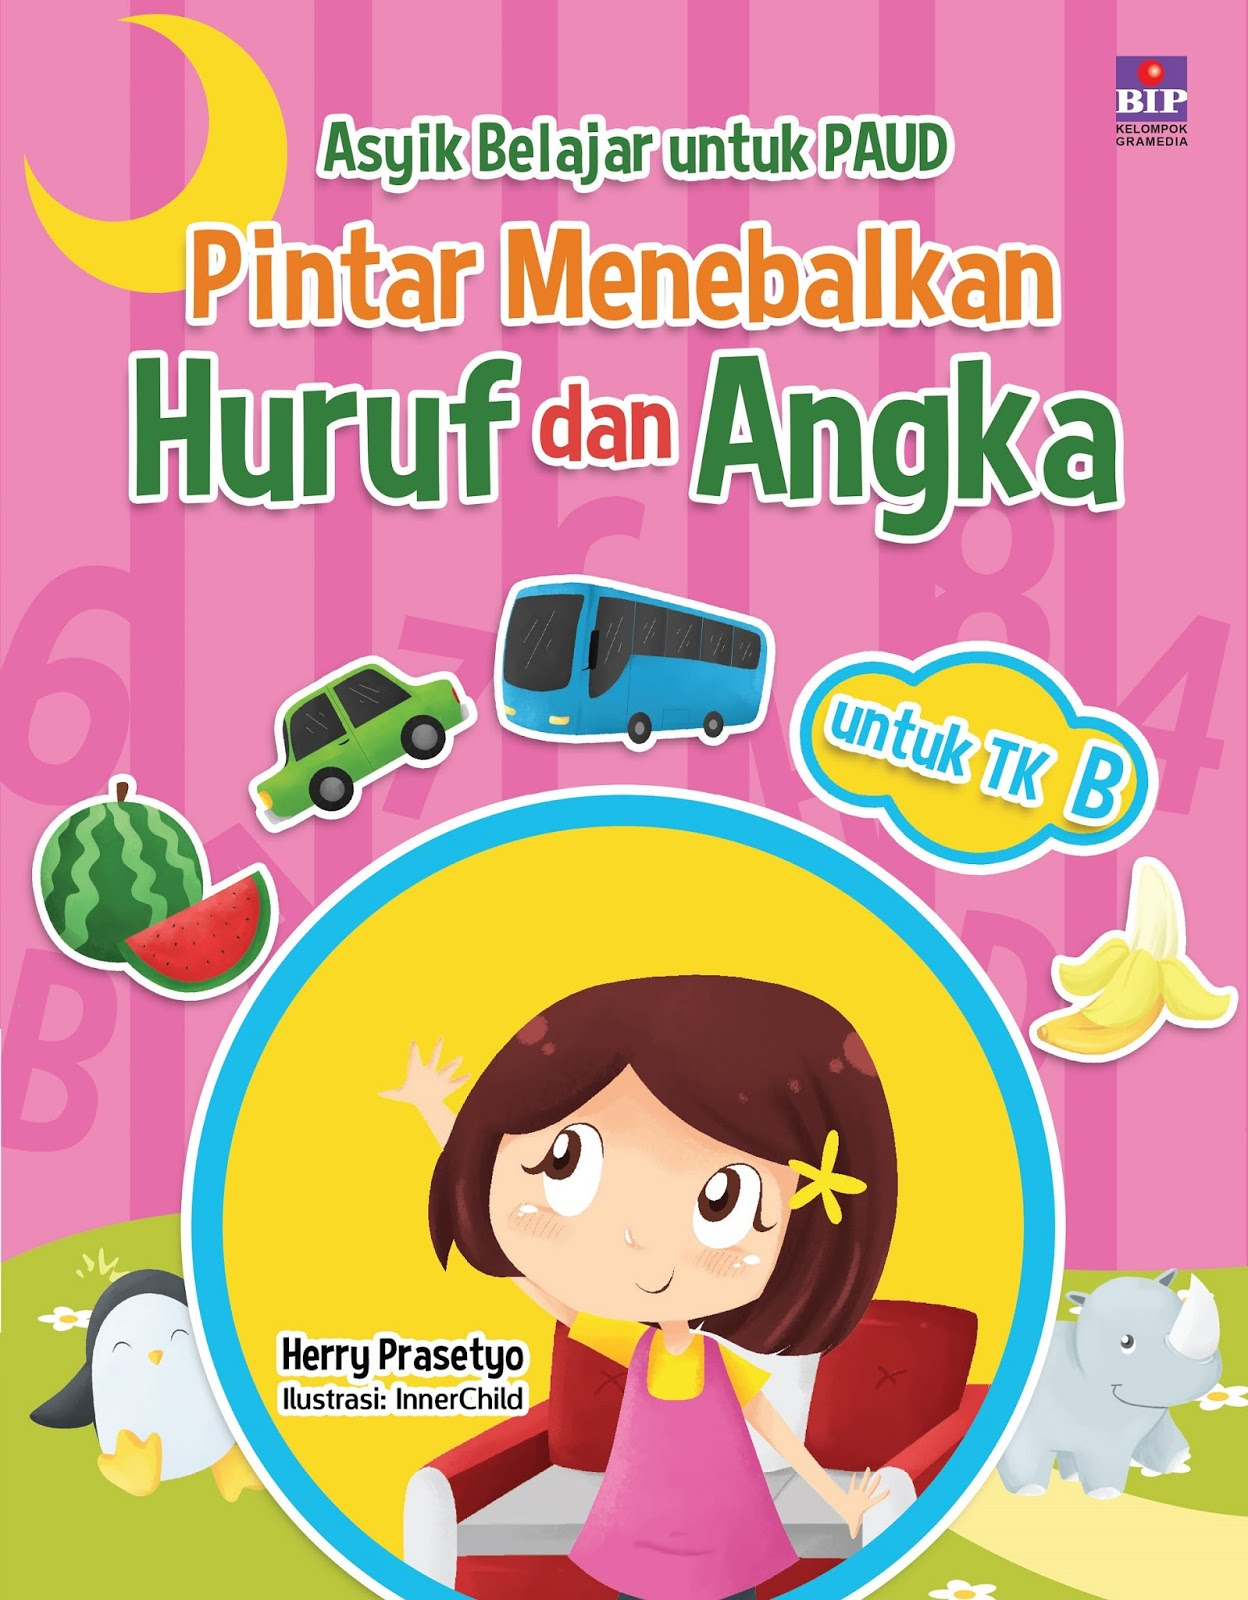 Buku yang ditujukan untuk TK B ini dimaksudkan untuk menemani anak berlatih menulis melalui menebalkan